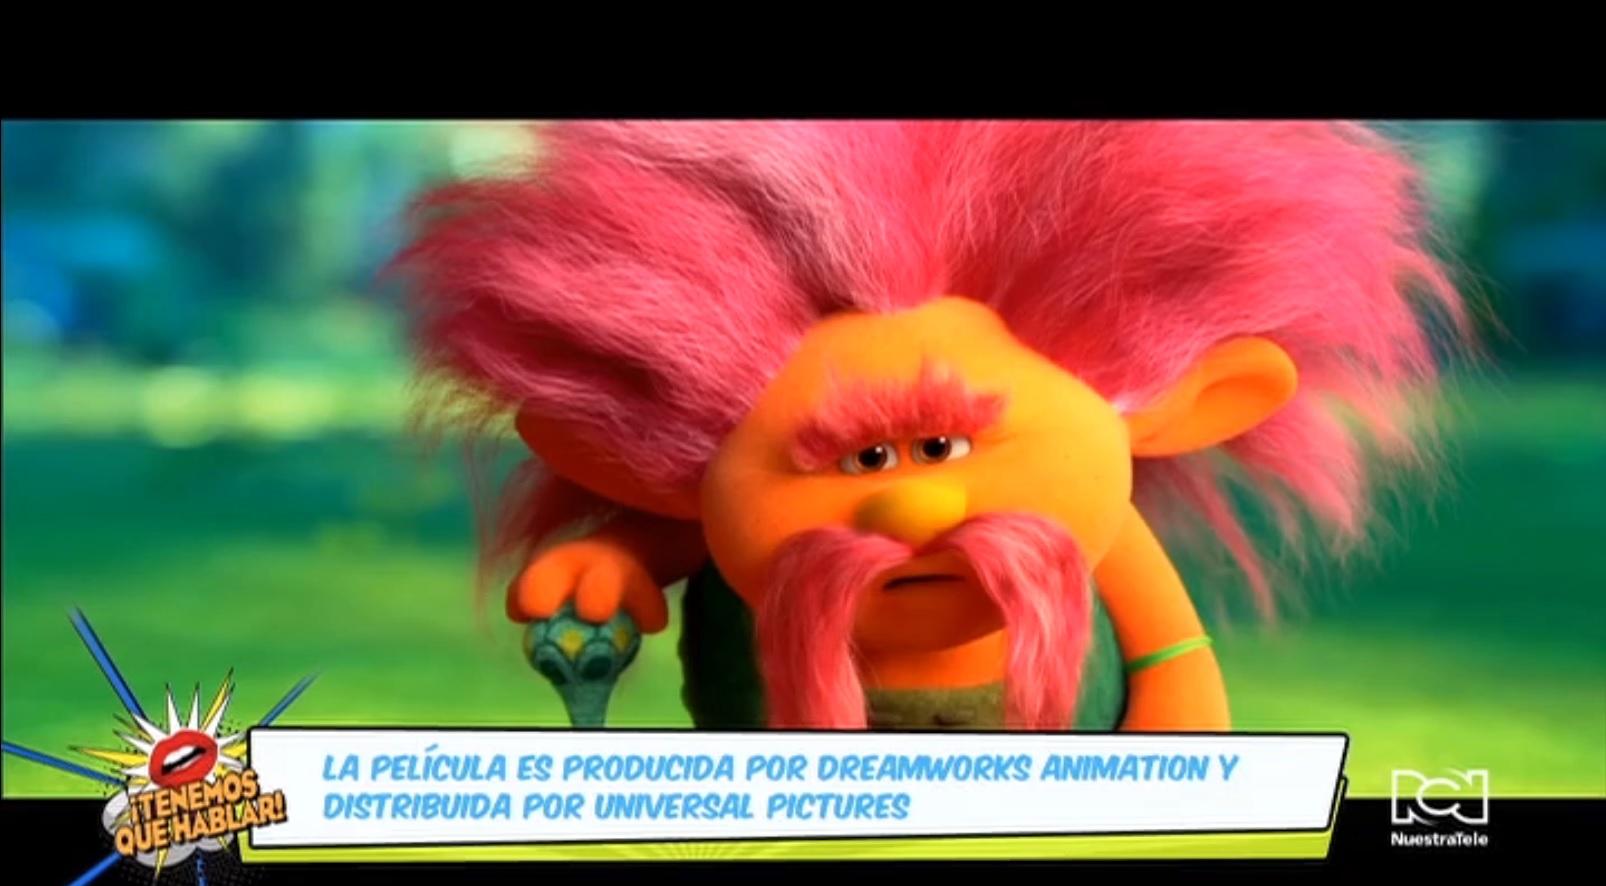 J Balvin hará parte del elenco de voces de la película animada 'Trolls World Tour' para América Latina